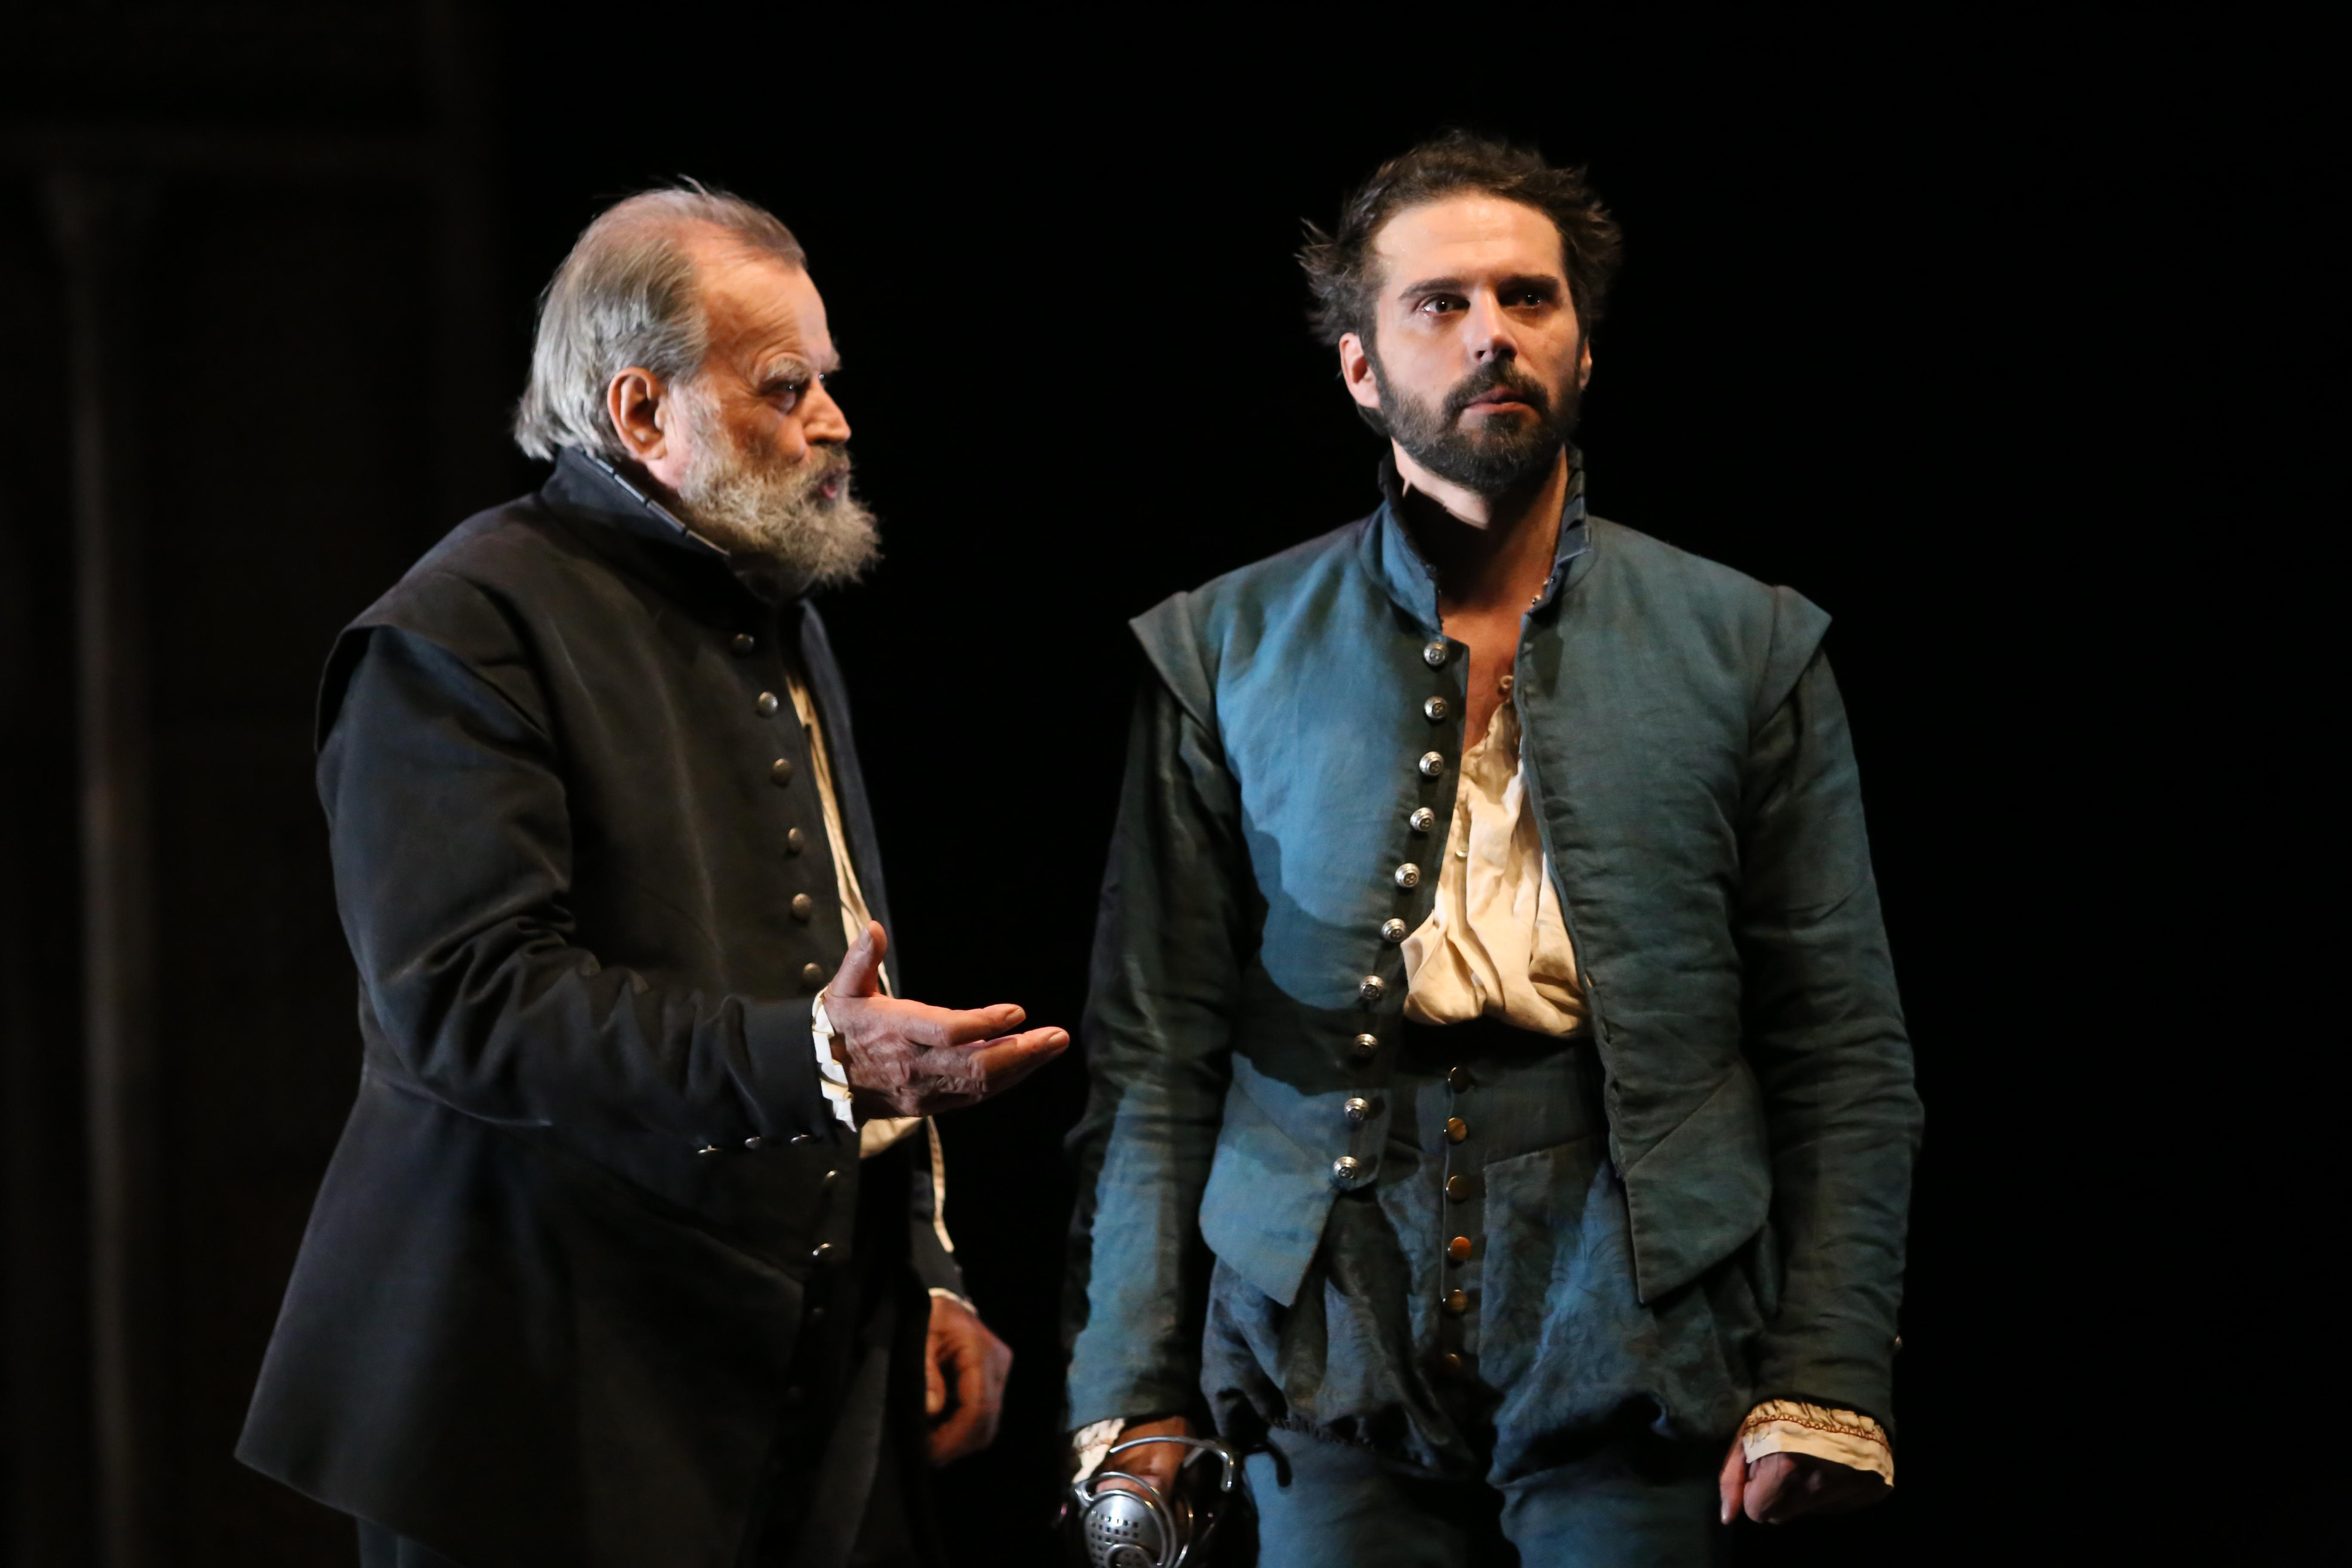 le cid Le cid est une pièce de théâtre tragi-comique[1] en vers de pierre corneille dont la première représentation eut lieu le 7 janvier 1637 au théâtre du marais[2.